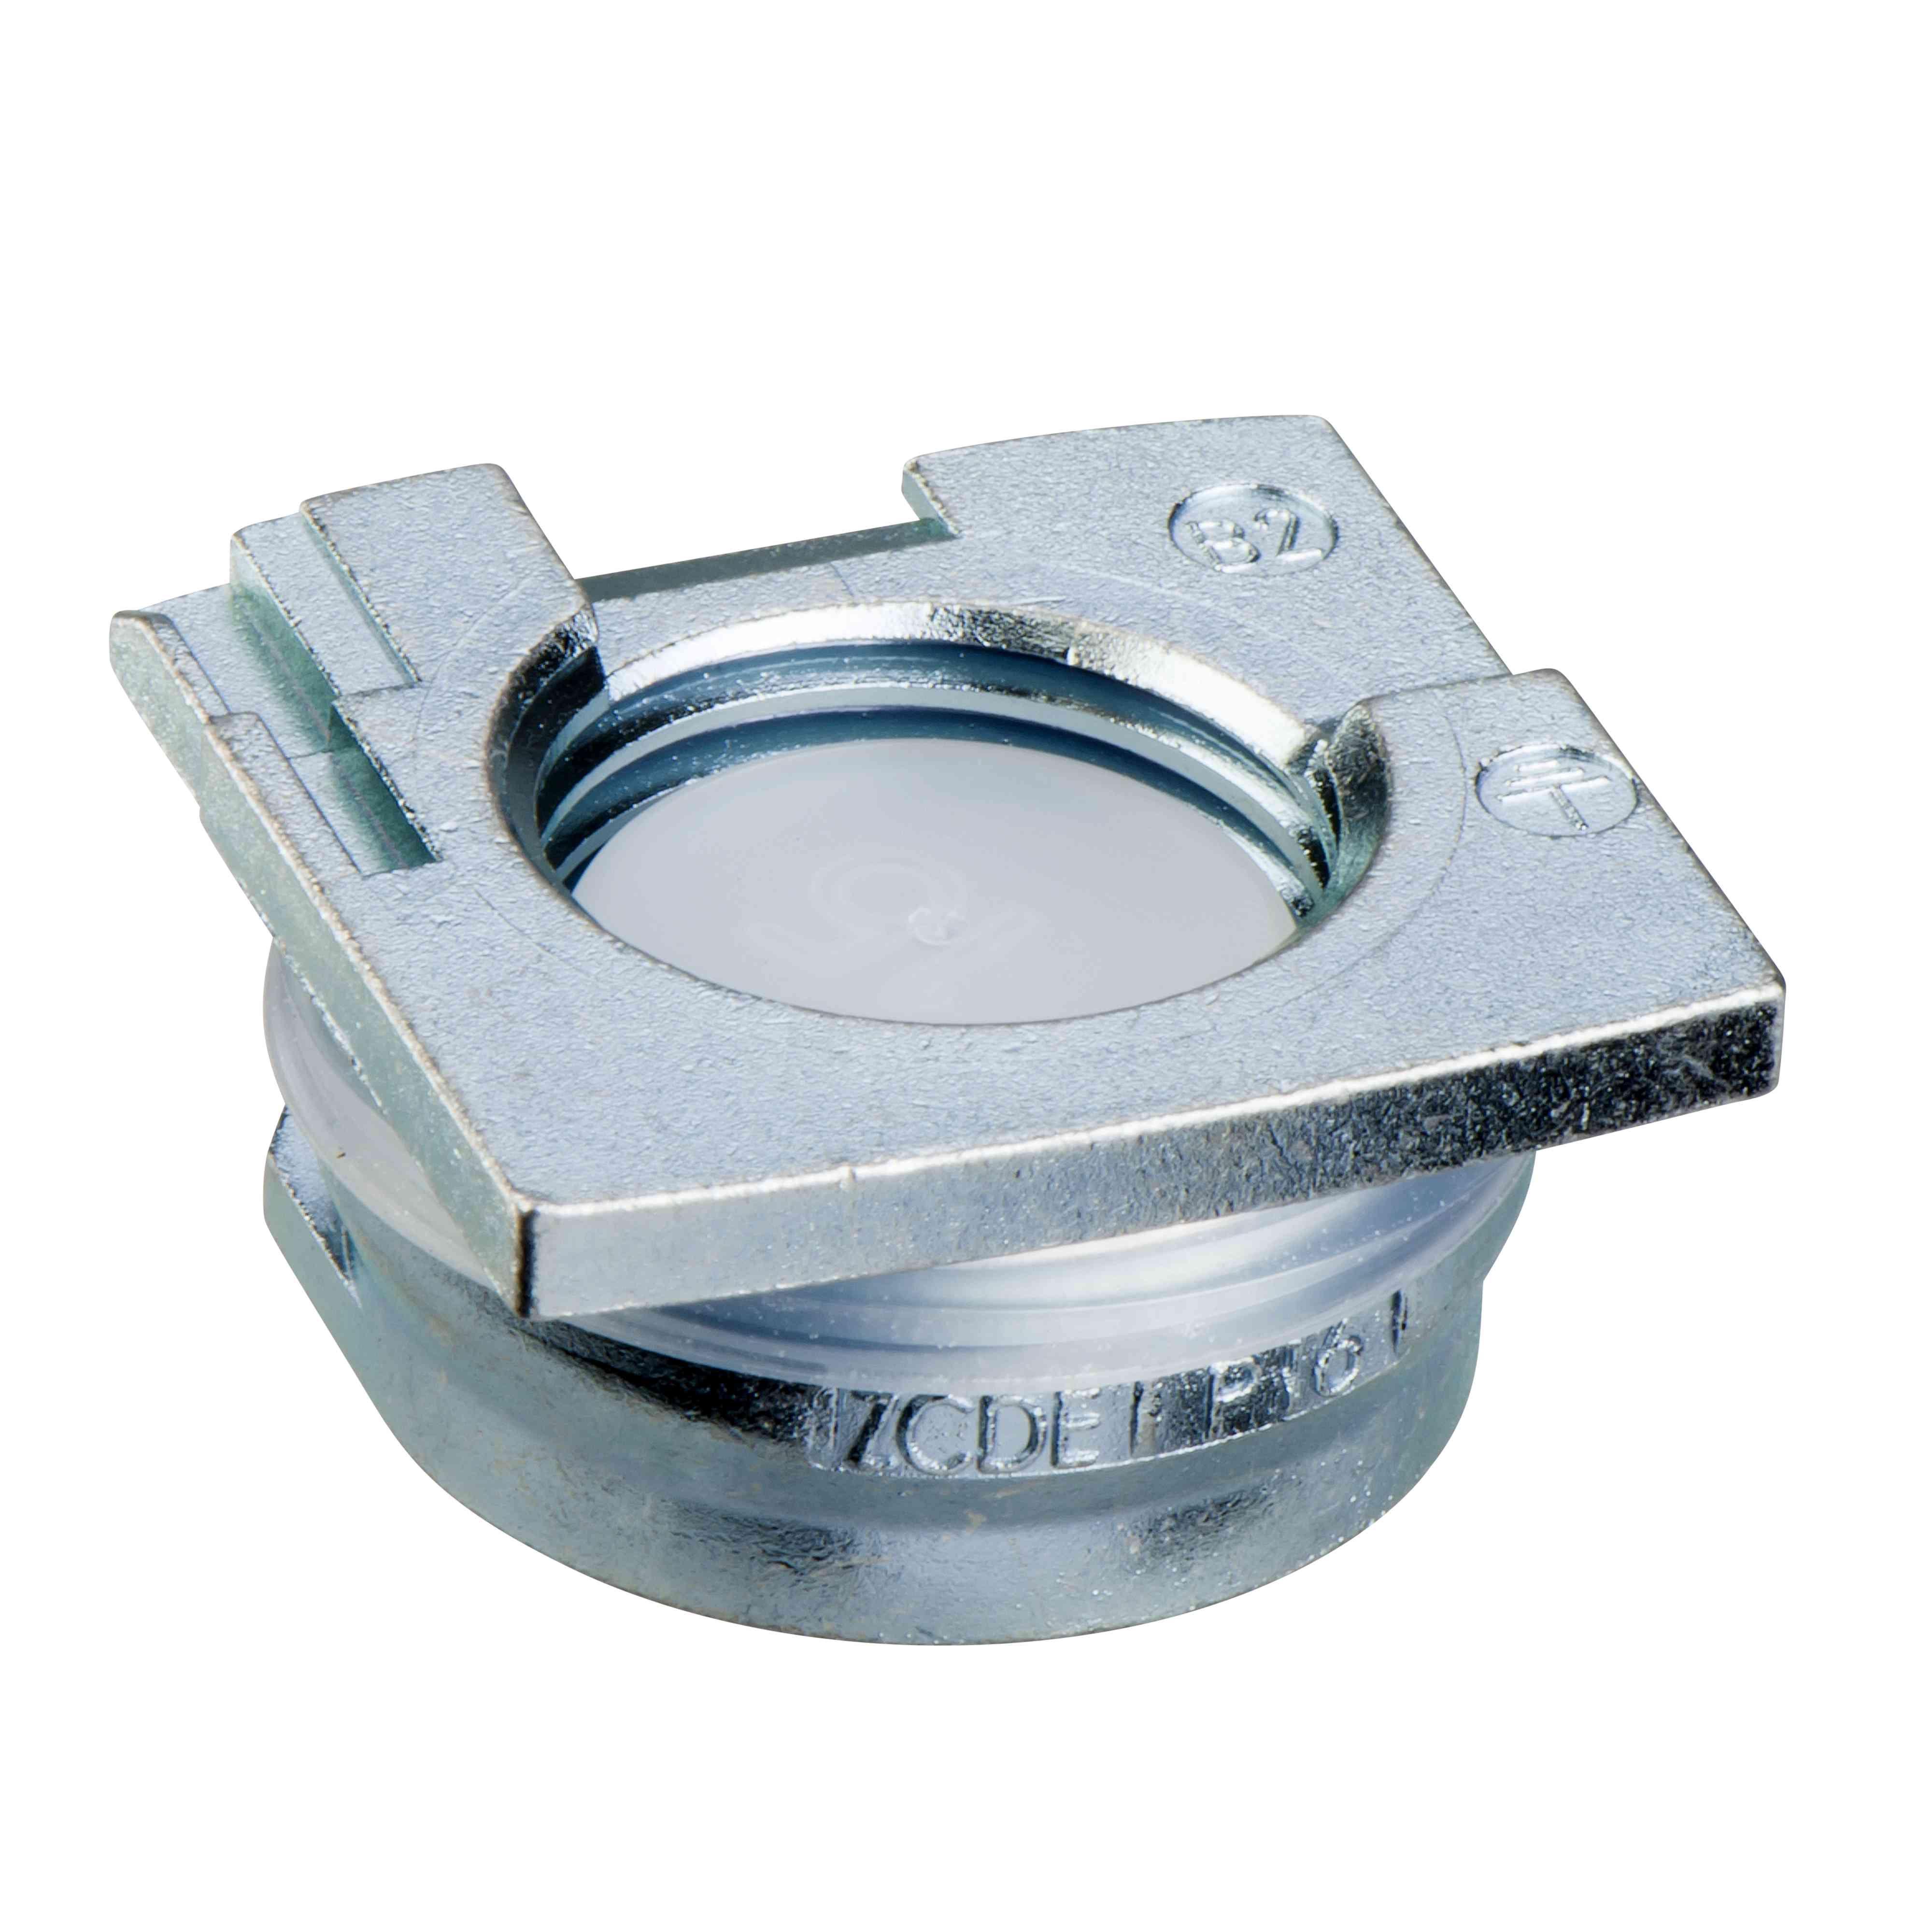 Vhod kabelske tesnilke - M16x1,5 - za omejitveno stikalo - kovinsko ohišje